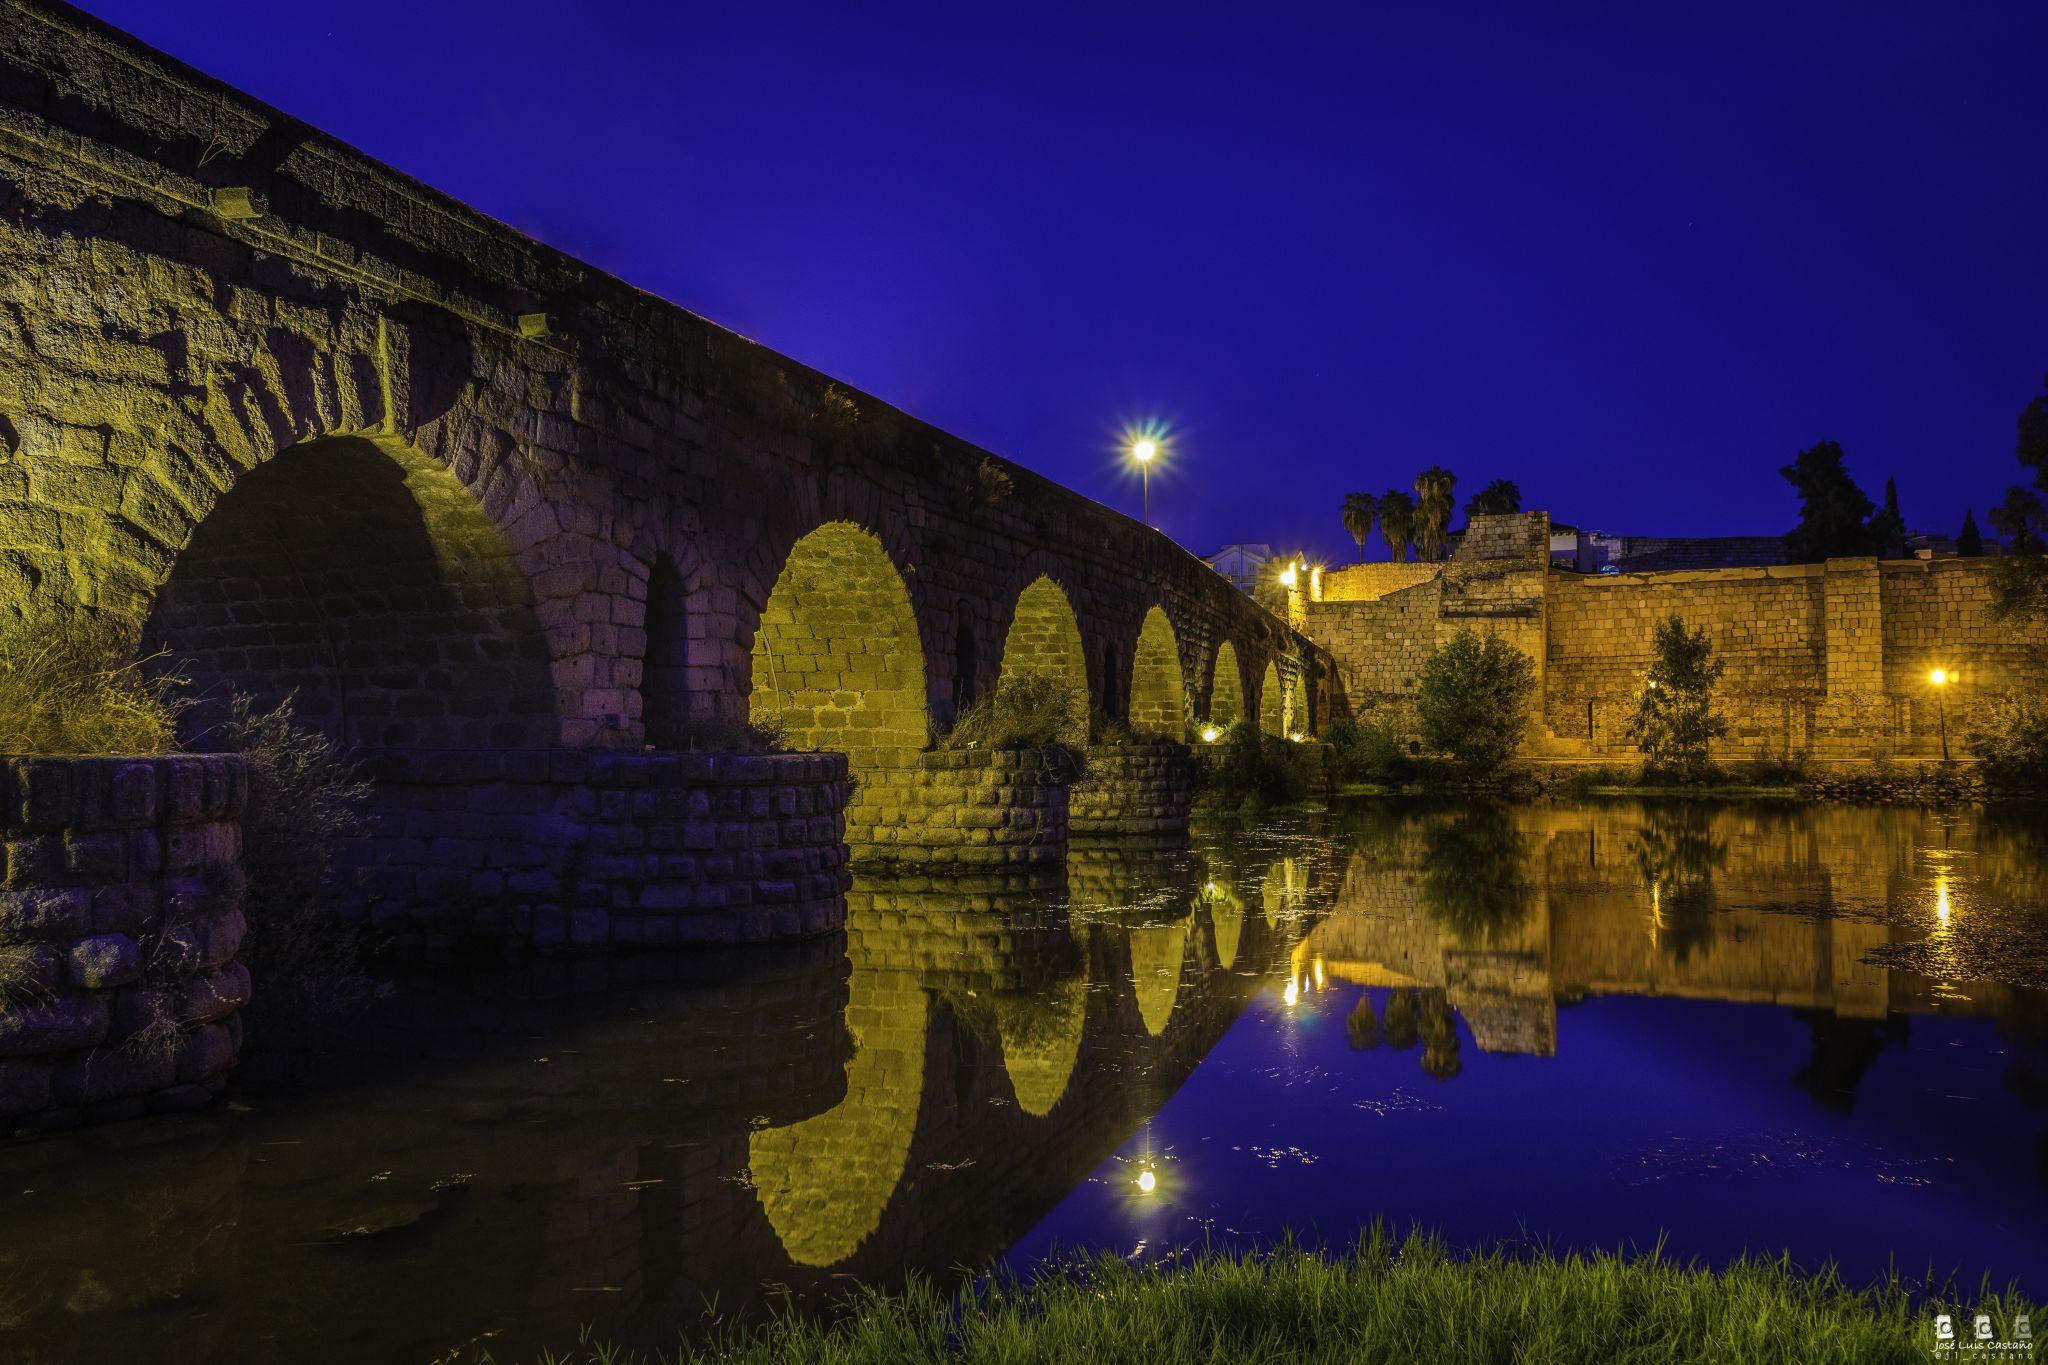 Roman Bridge, Spain